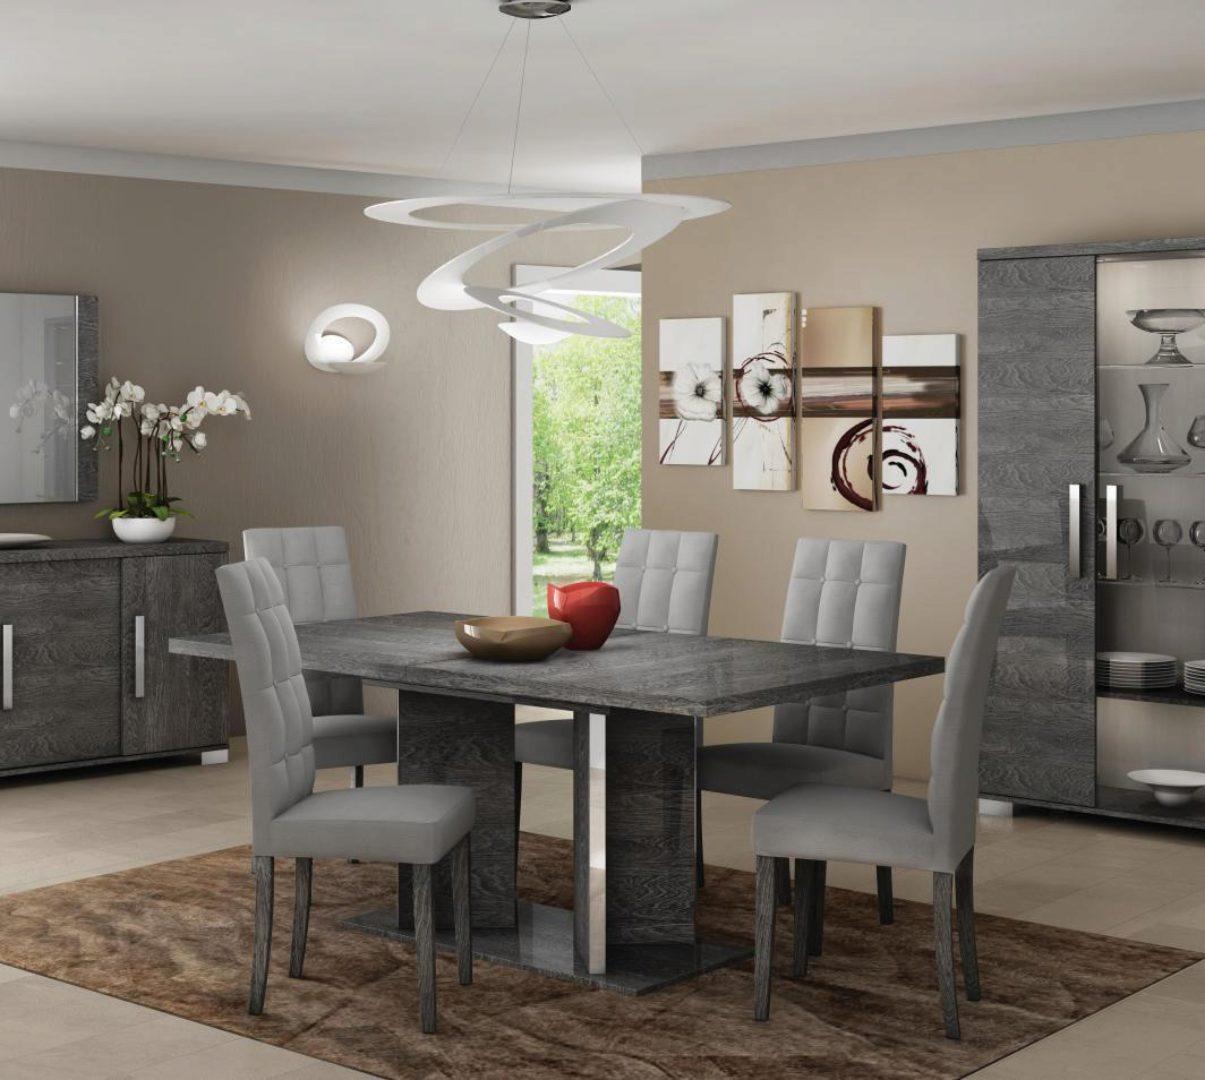 At Home Usa Sarah High Gloss Gray Birch Dining Table Set 7 Pcs Contemporary Sarah Grey Dining Room Set 7